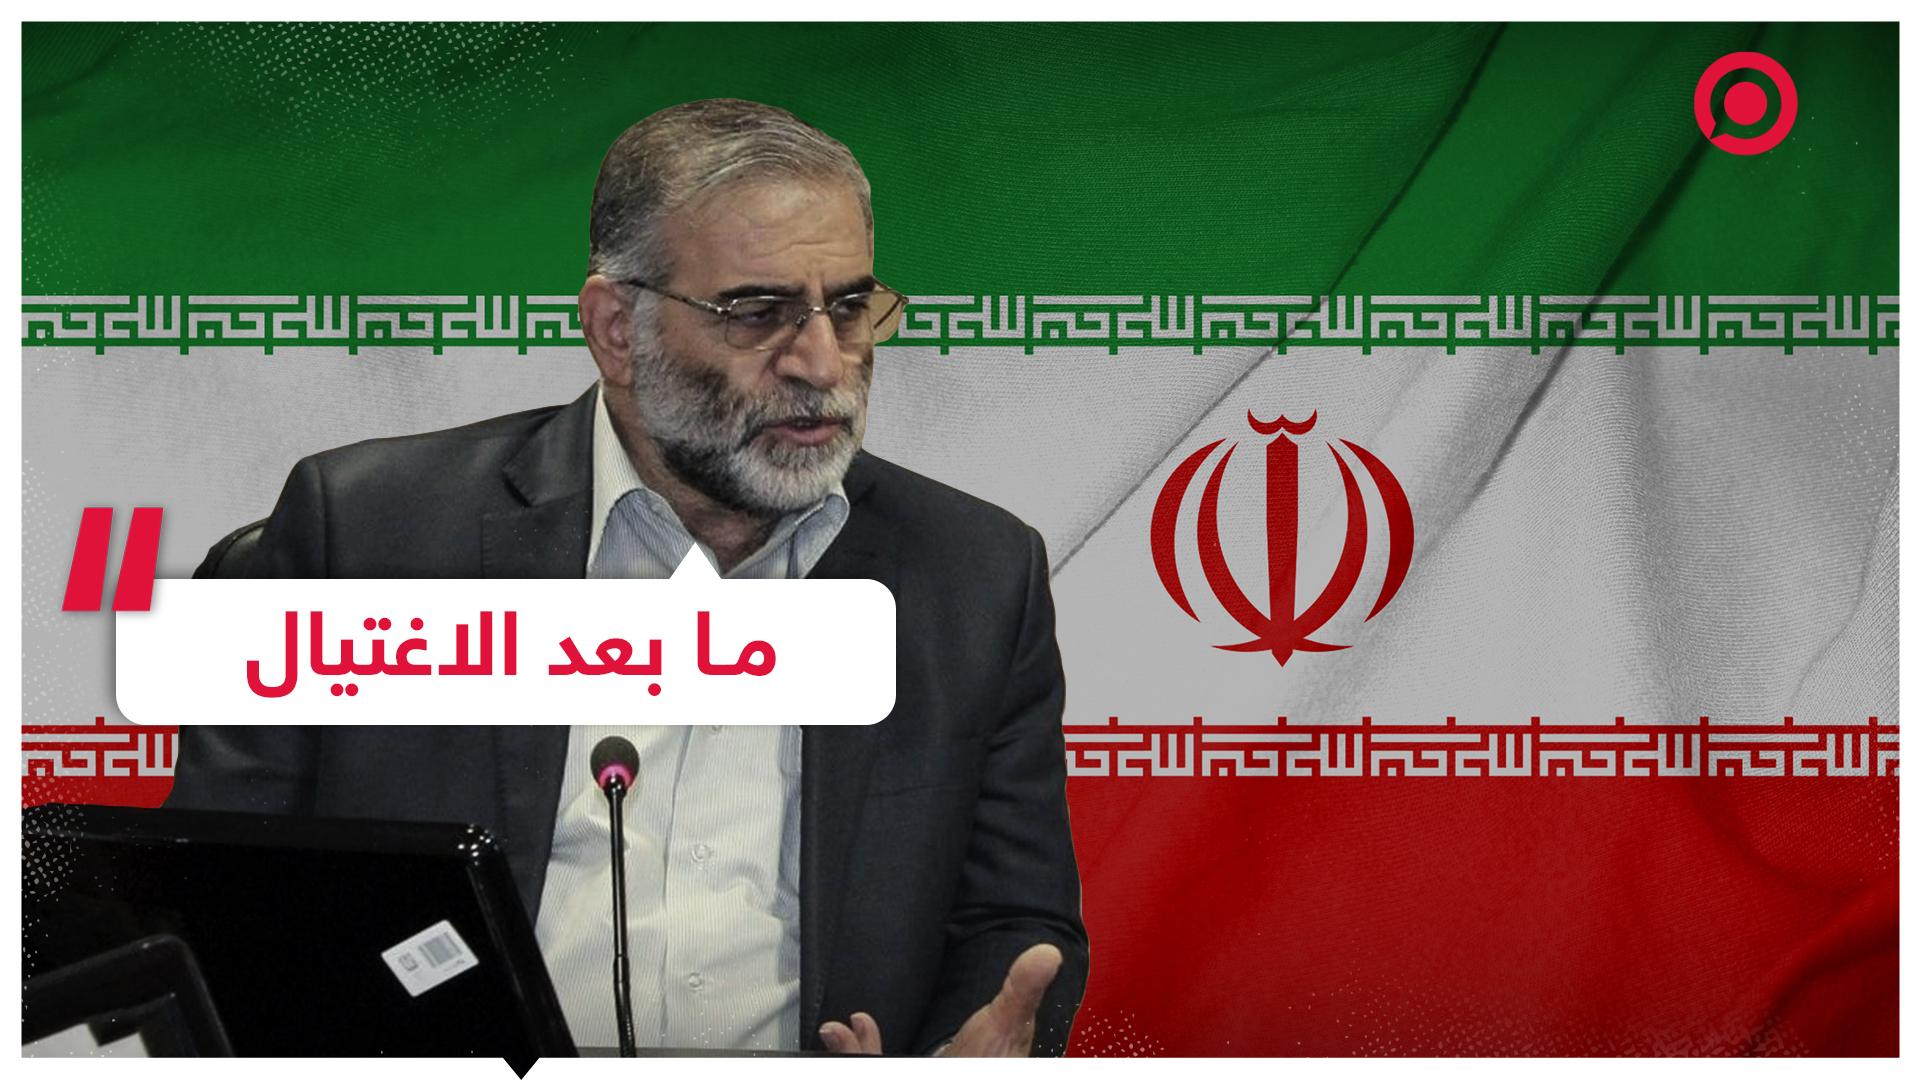 إيران - خامنئي- محسن فخري زاده - فيلق القدس